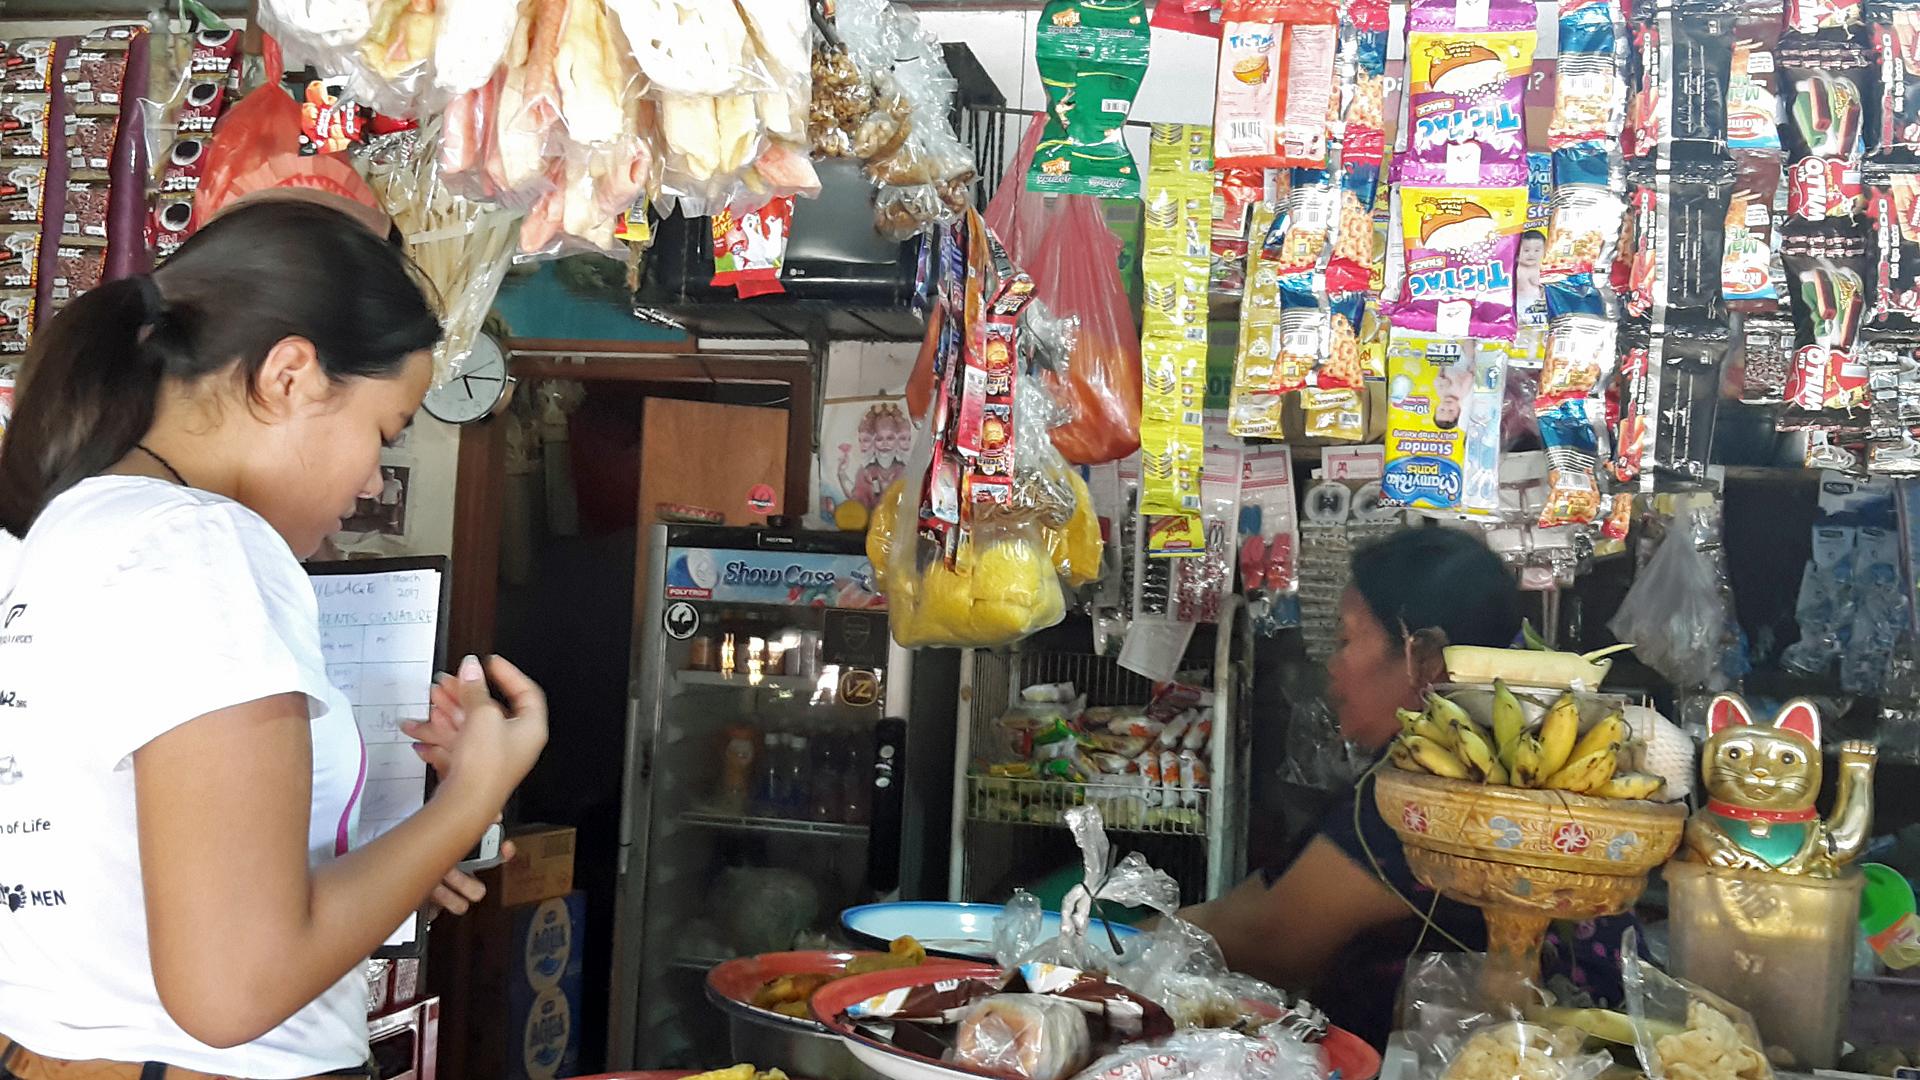 BBPB: Bye Bye Plasticbags heißt die Initiative von Isabel und Melati Wijsen. Die beiden Schwestern haben schon einiges erreicht, um Plastiktüten endgültig von ihrer Heimatinsel Bali zu befreien und so auch den Plastikmüll im Meer zu reduzieren. Hier verteilen sie alternative Taschen in ihrem Pilot-Dorf Pererenan.